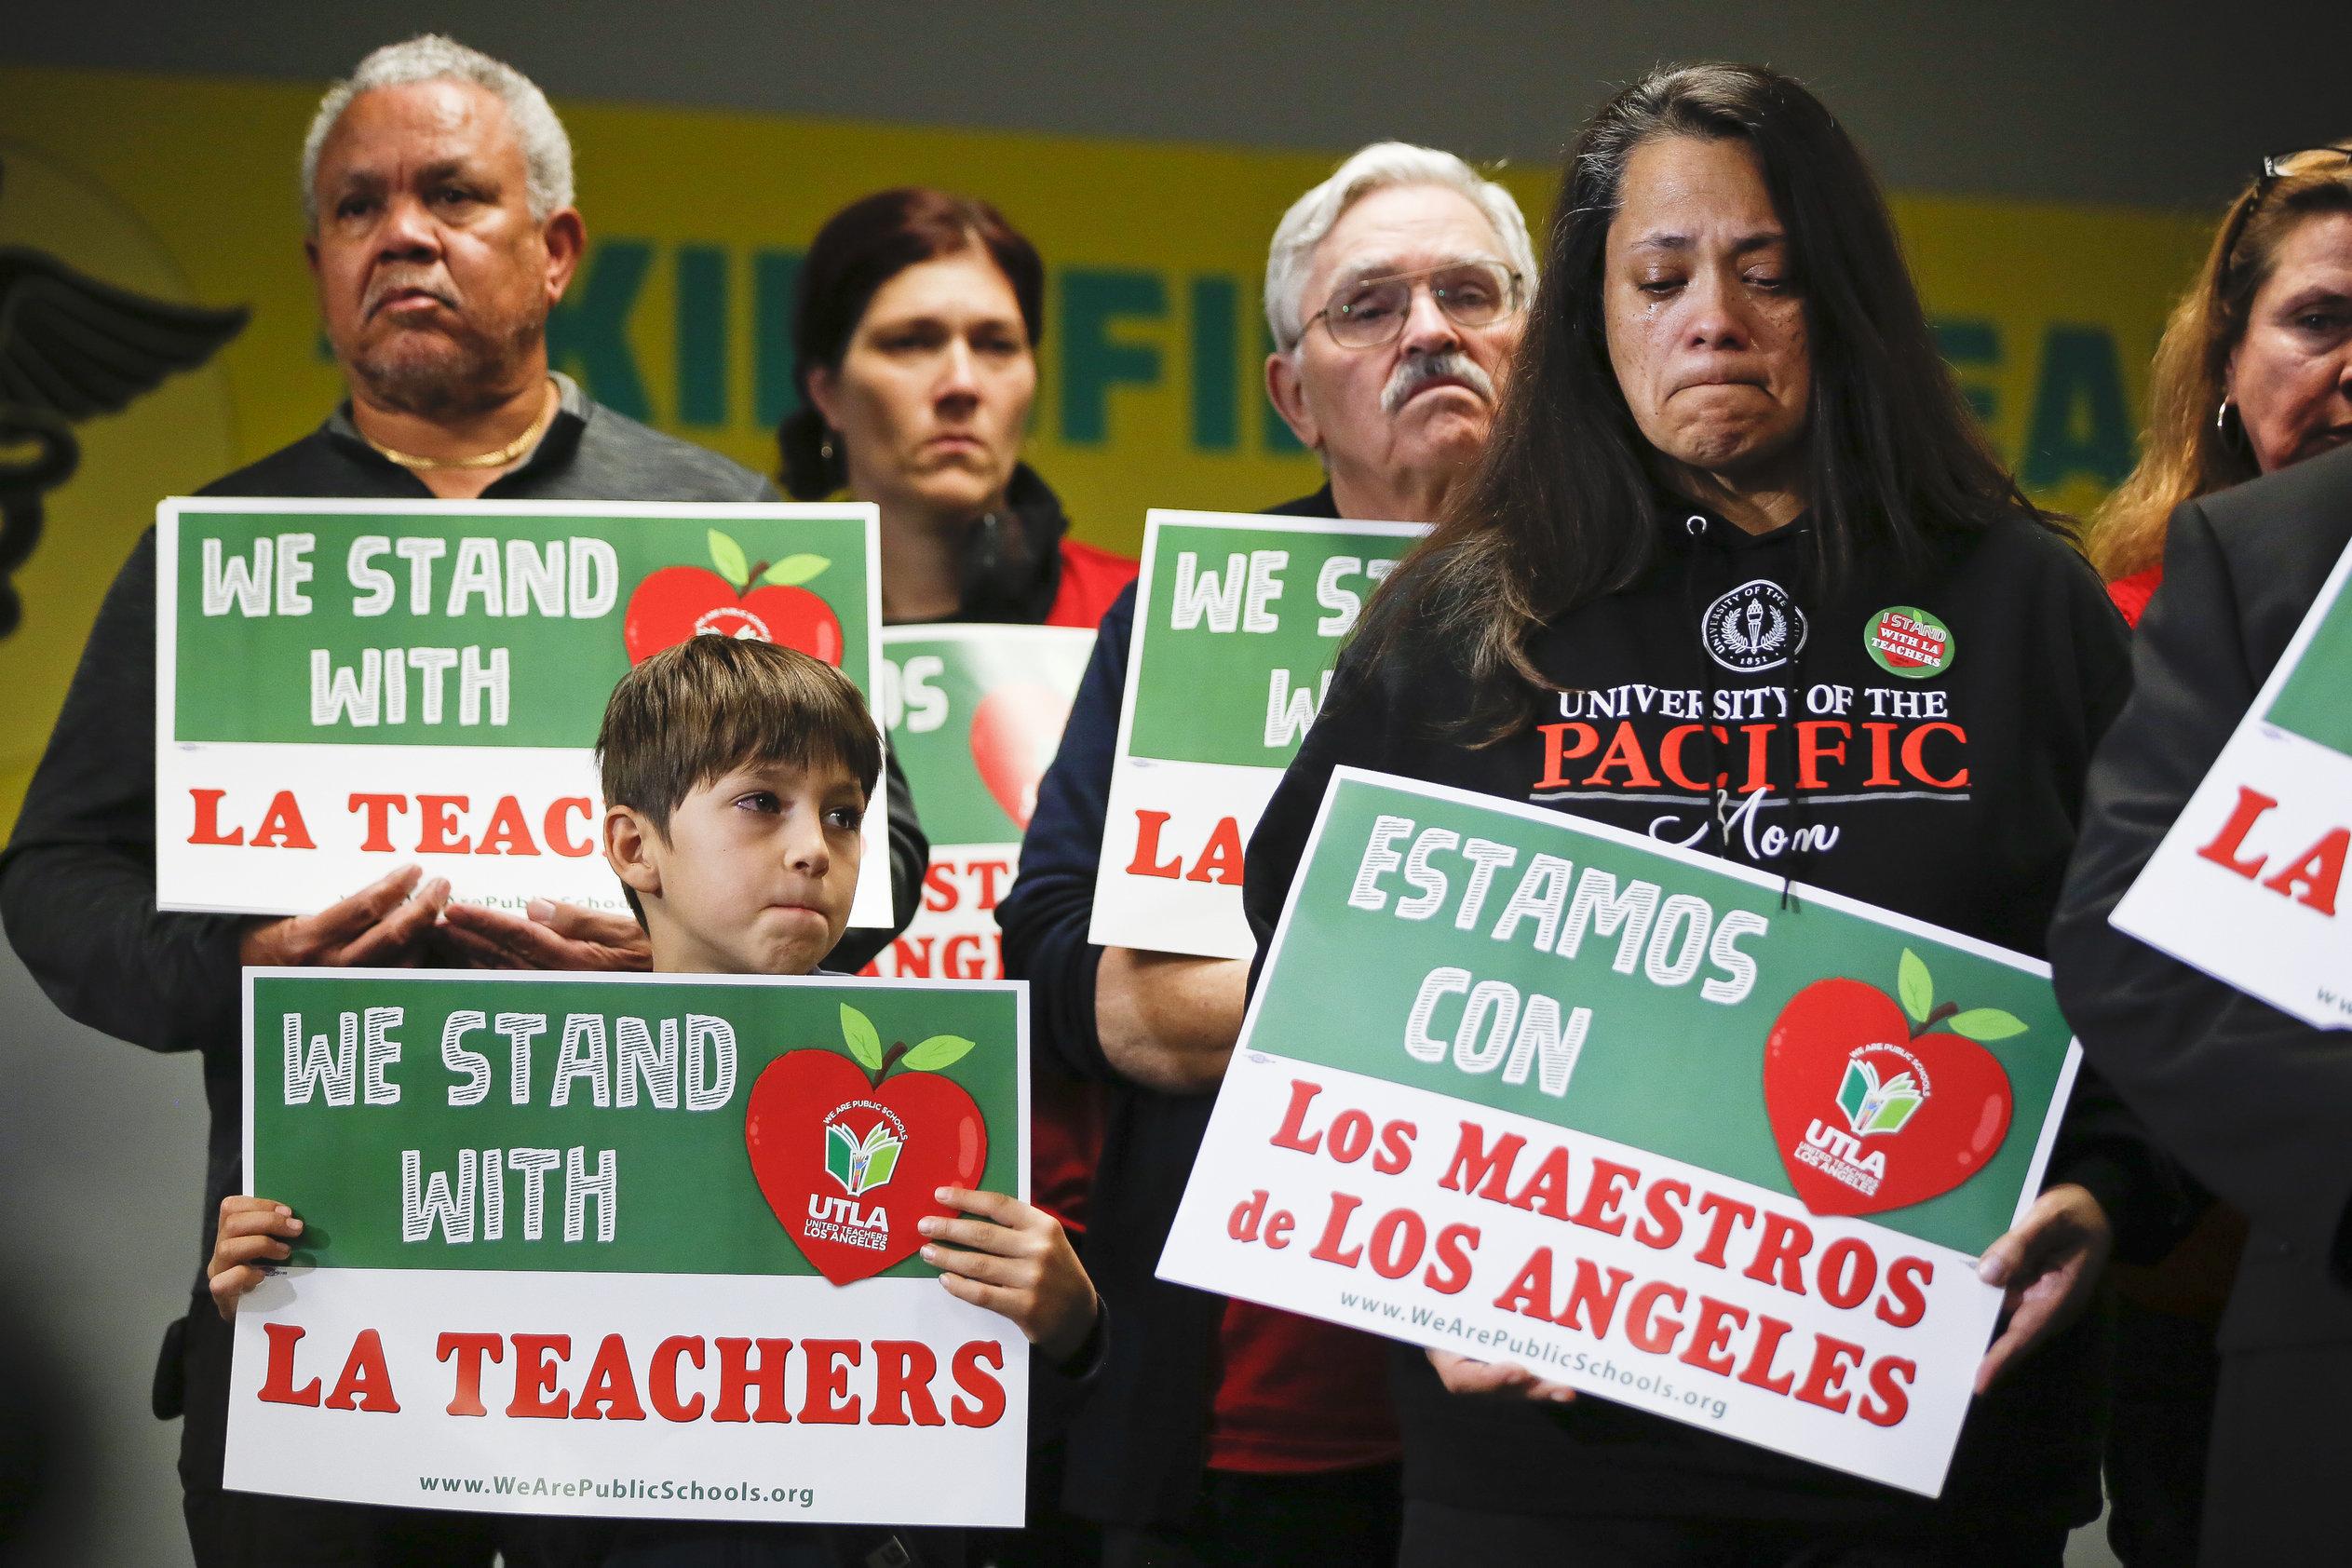 ΗΠΑ: Κάνουν απεργία οι εκπαιδευτικοί μετά από 30